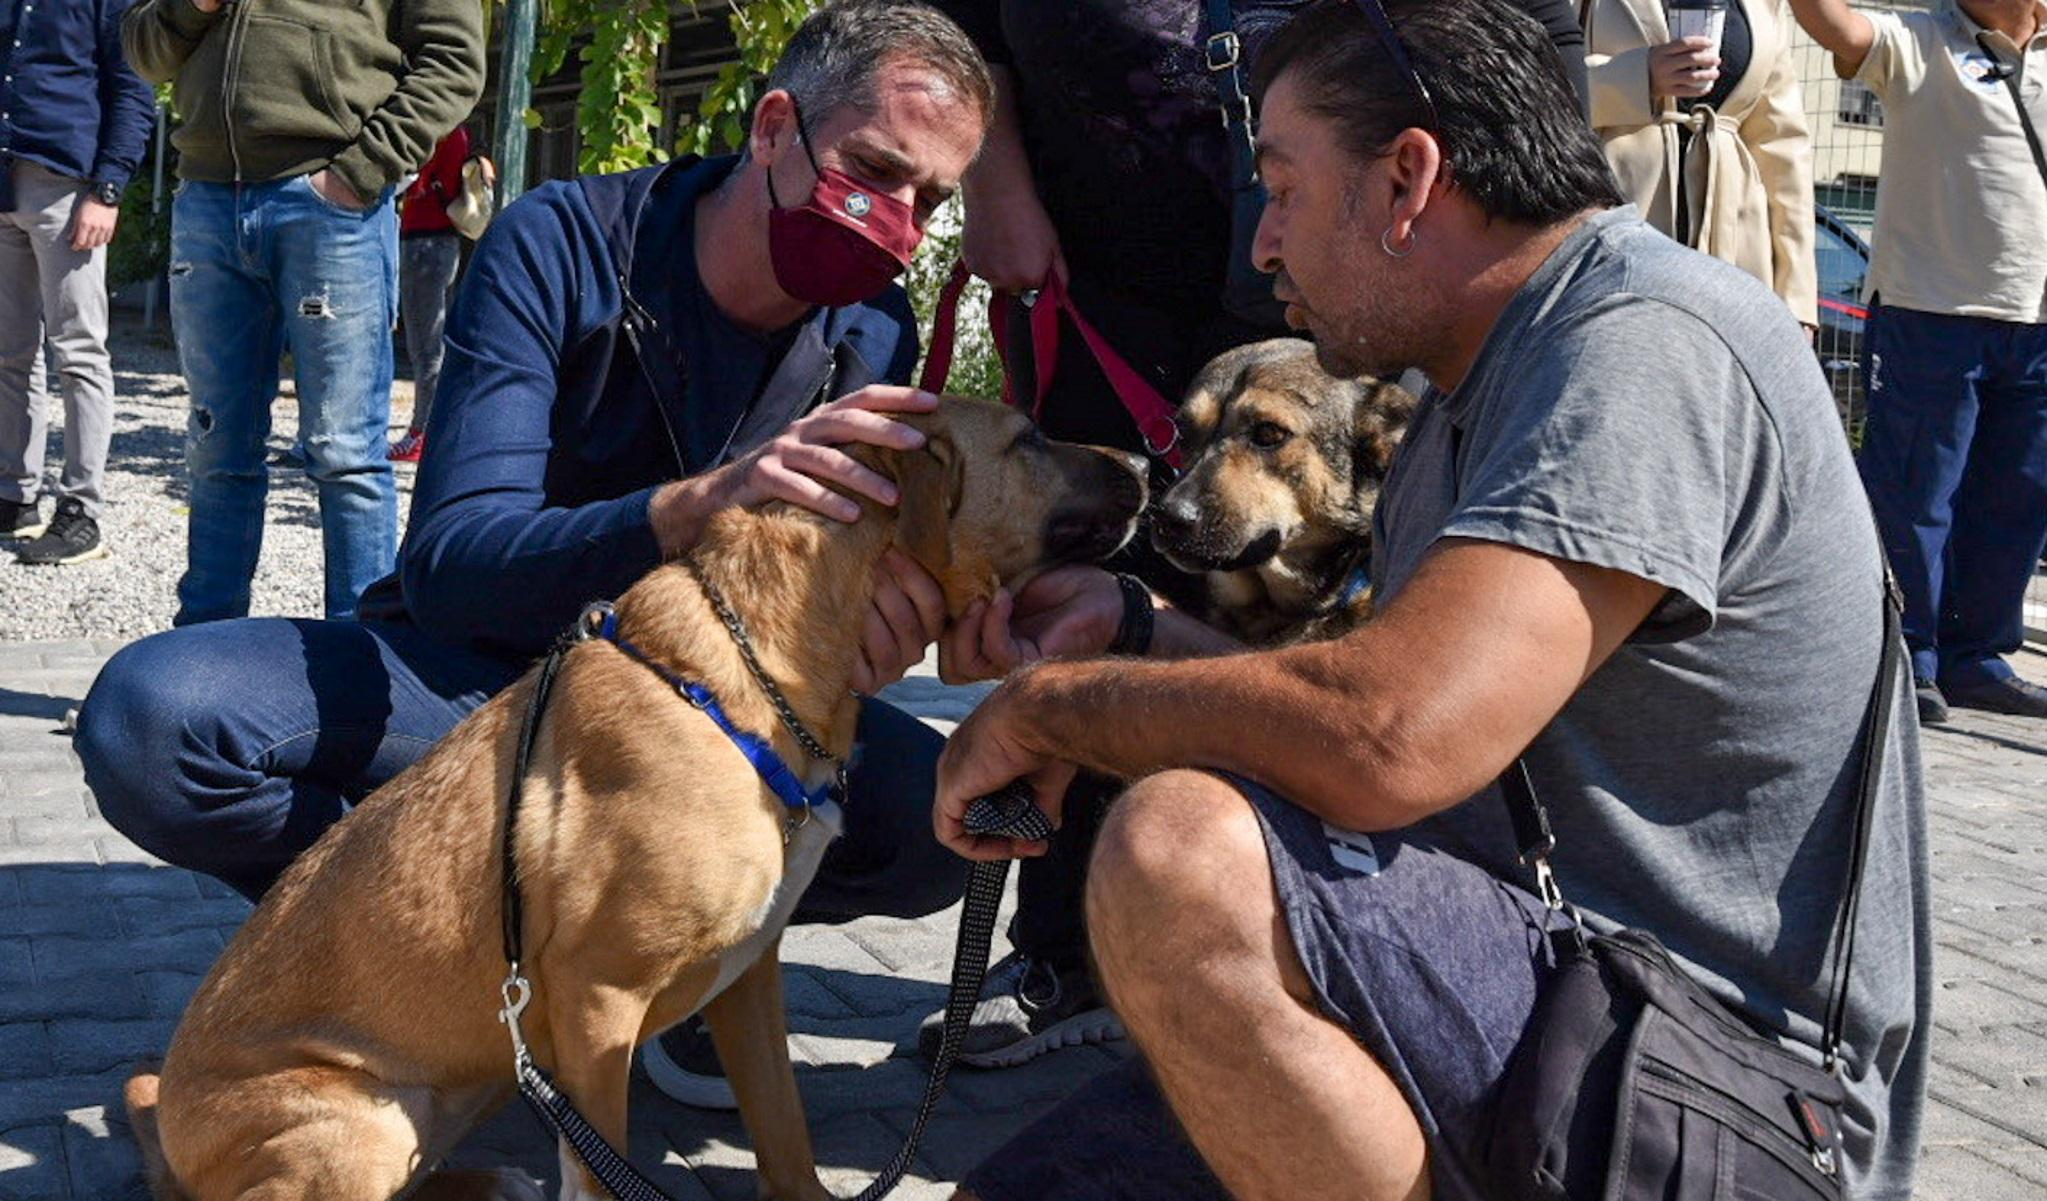 Παγκόσμια Ημέρα των Ζώων – Ο Κώστας Μπακογιάννης παρέα με αδέσποτα στο Καταφύγιο του Σωκράτη